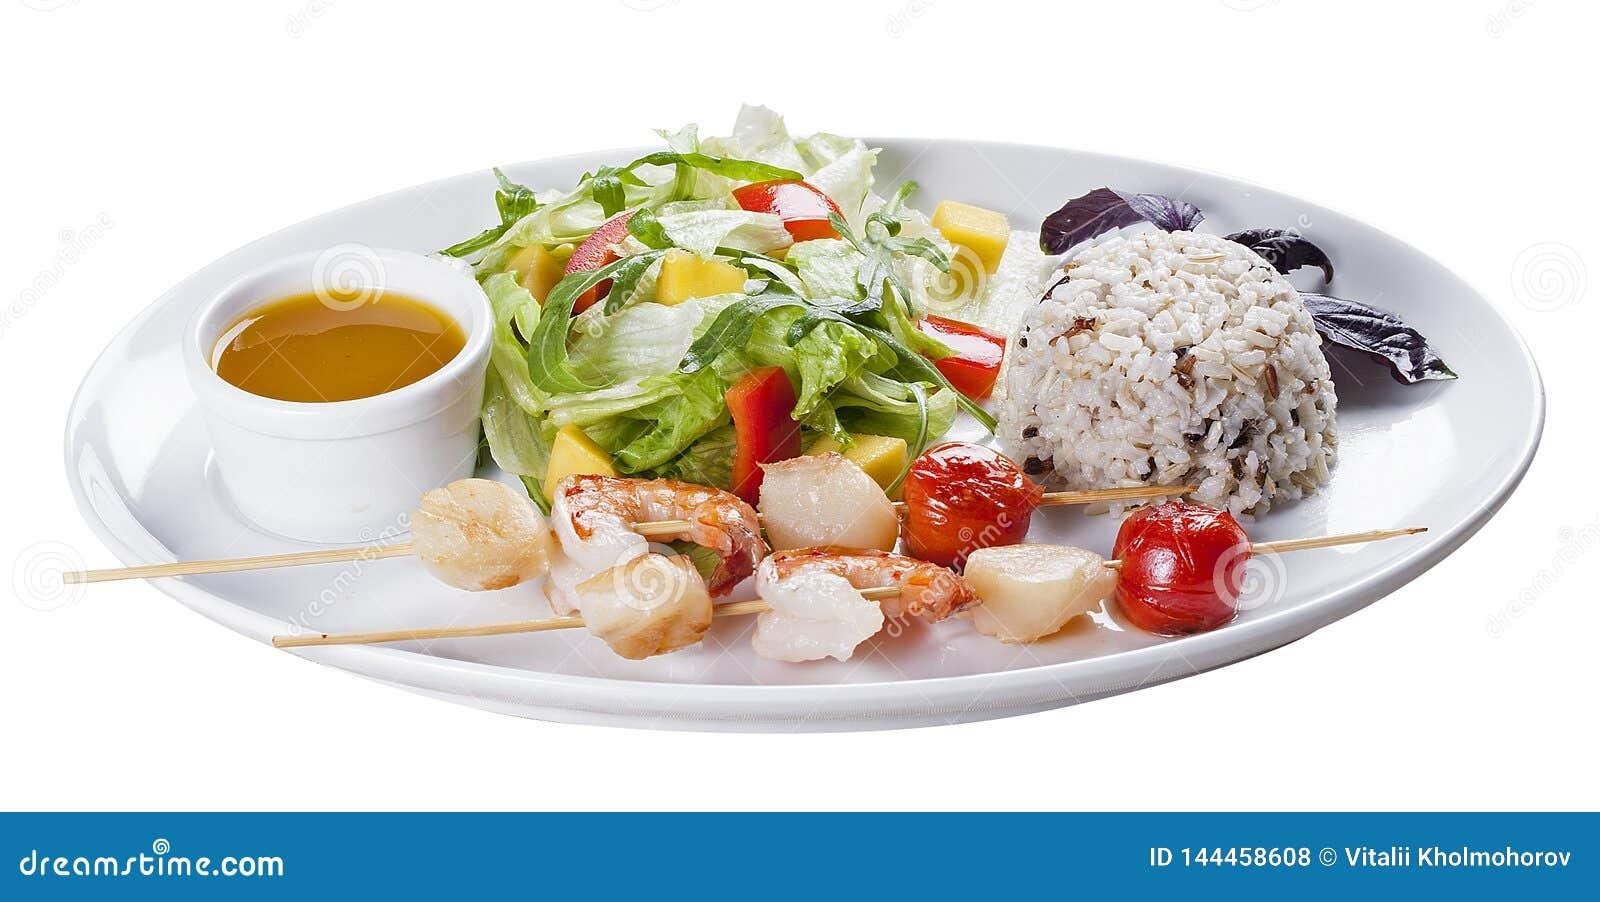 Θαλασσινά με το ρύζι και τα λαχανικά